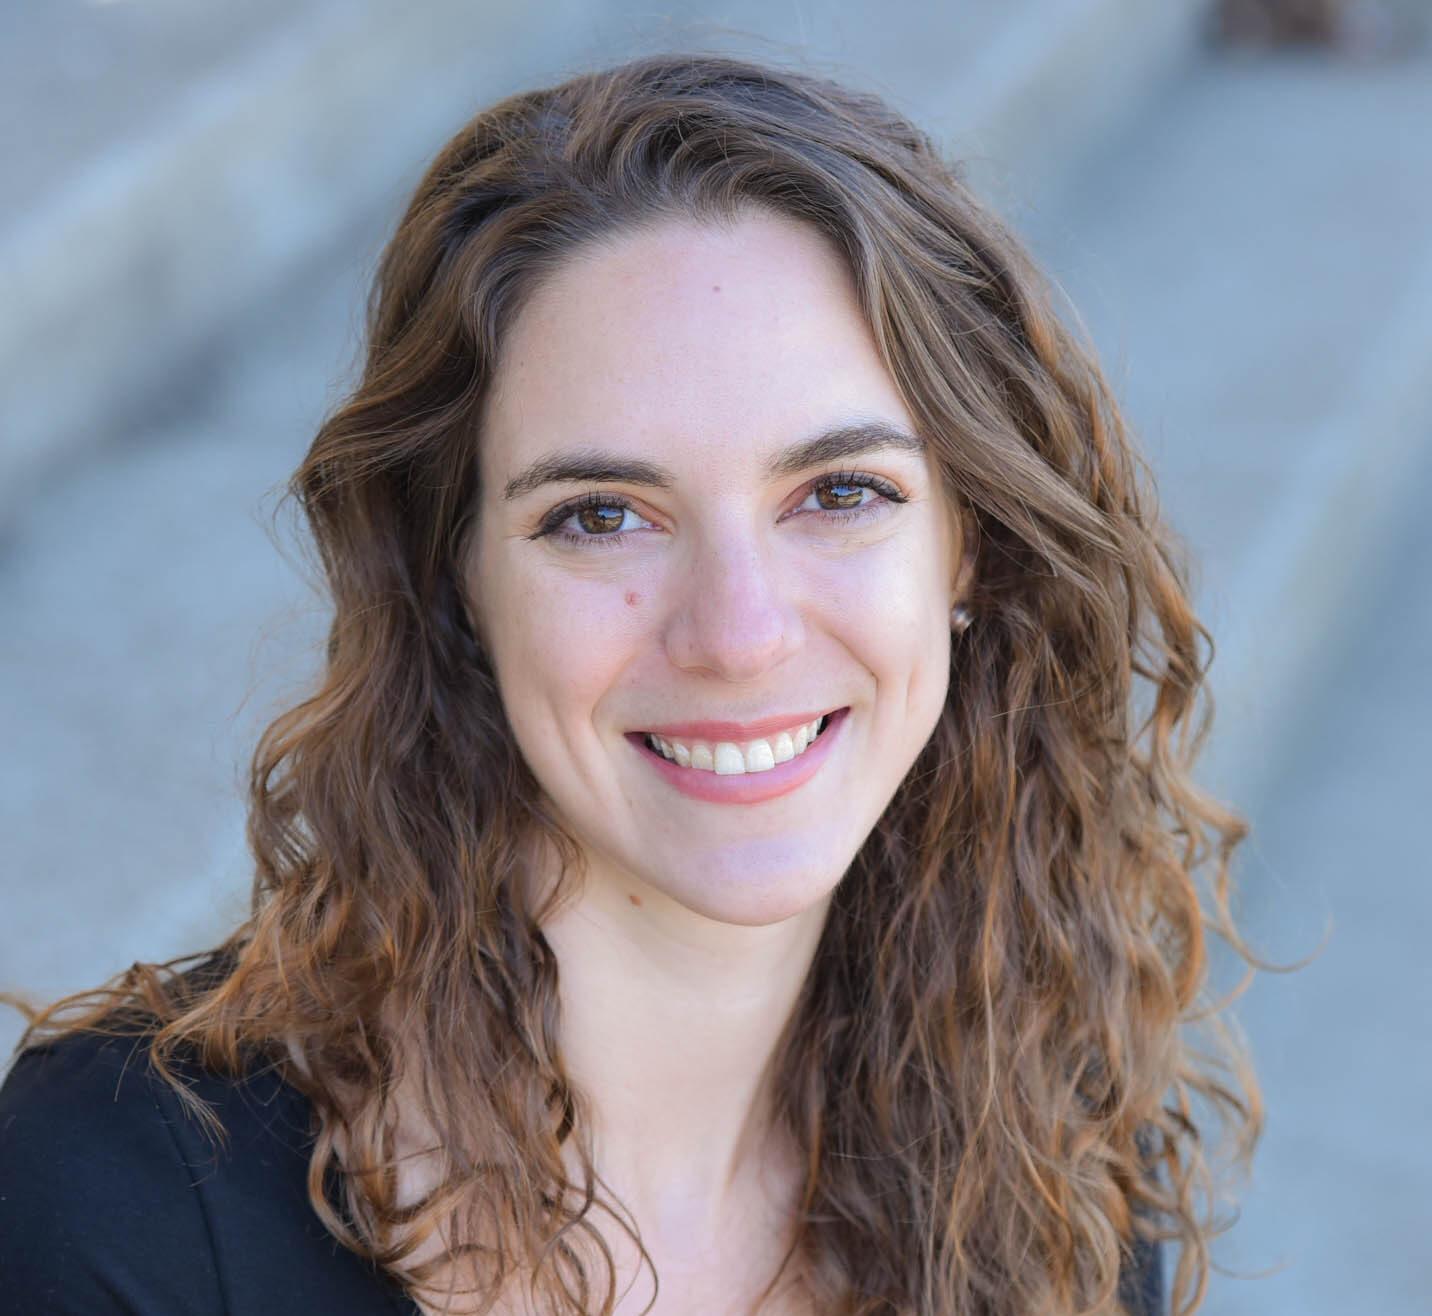 Rachel Zeldin